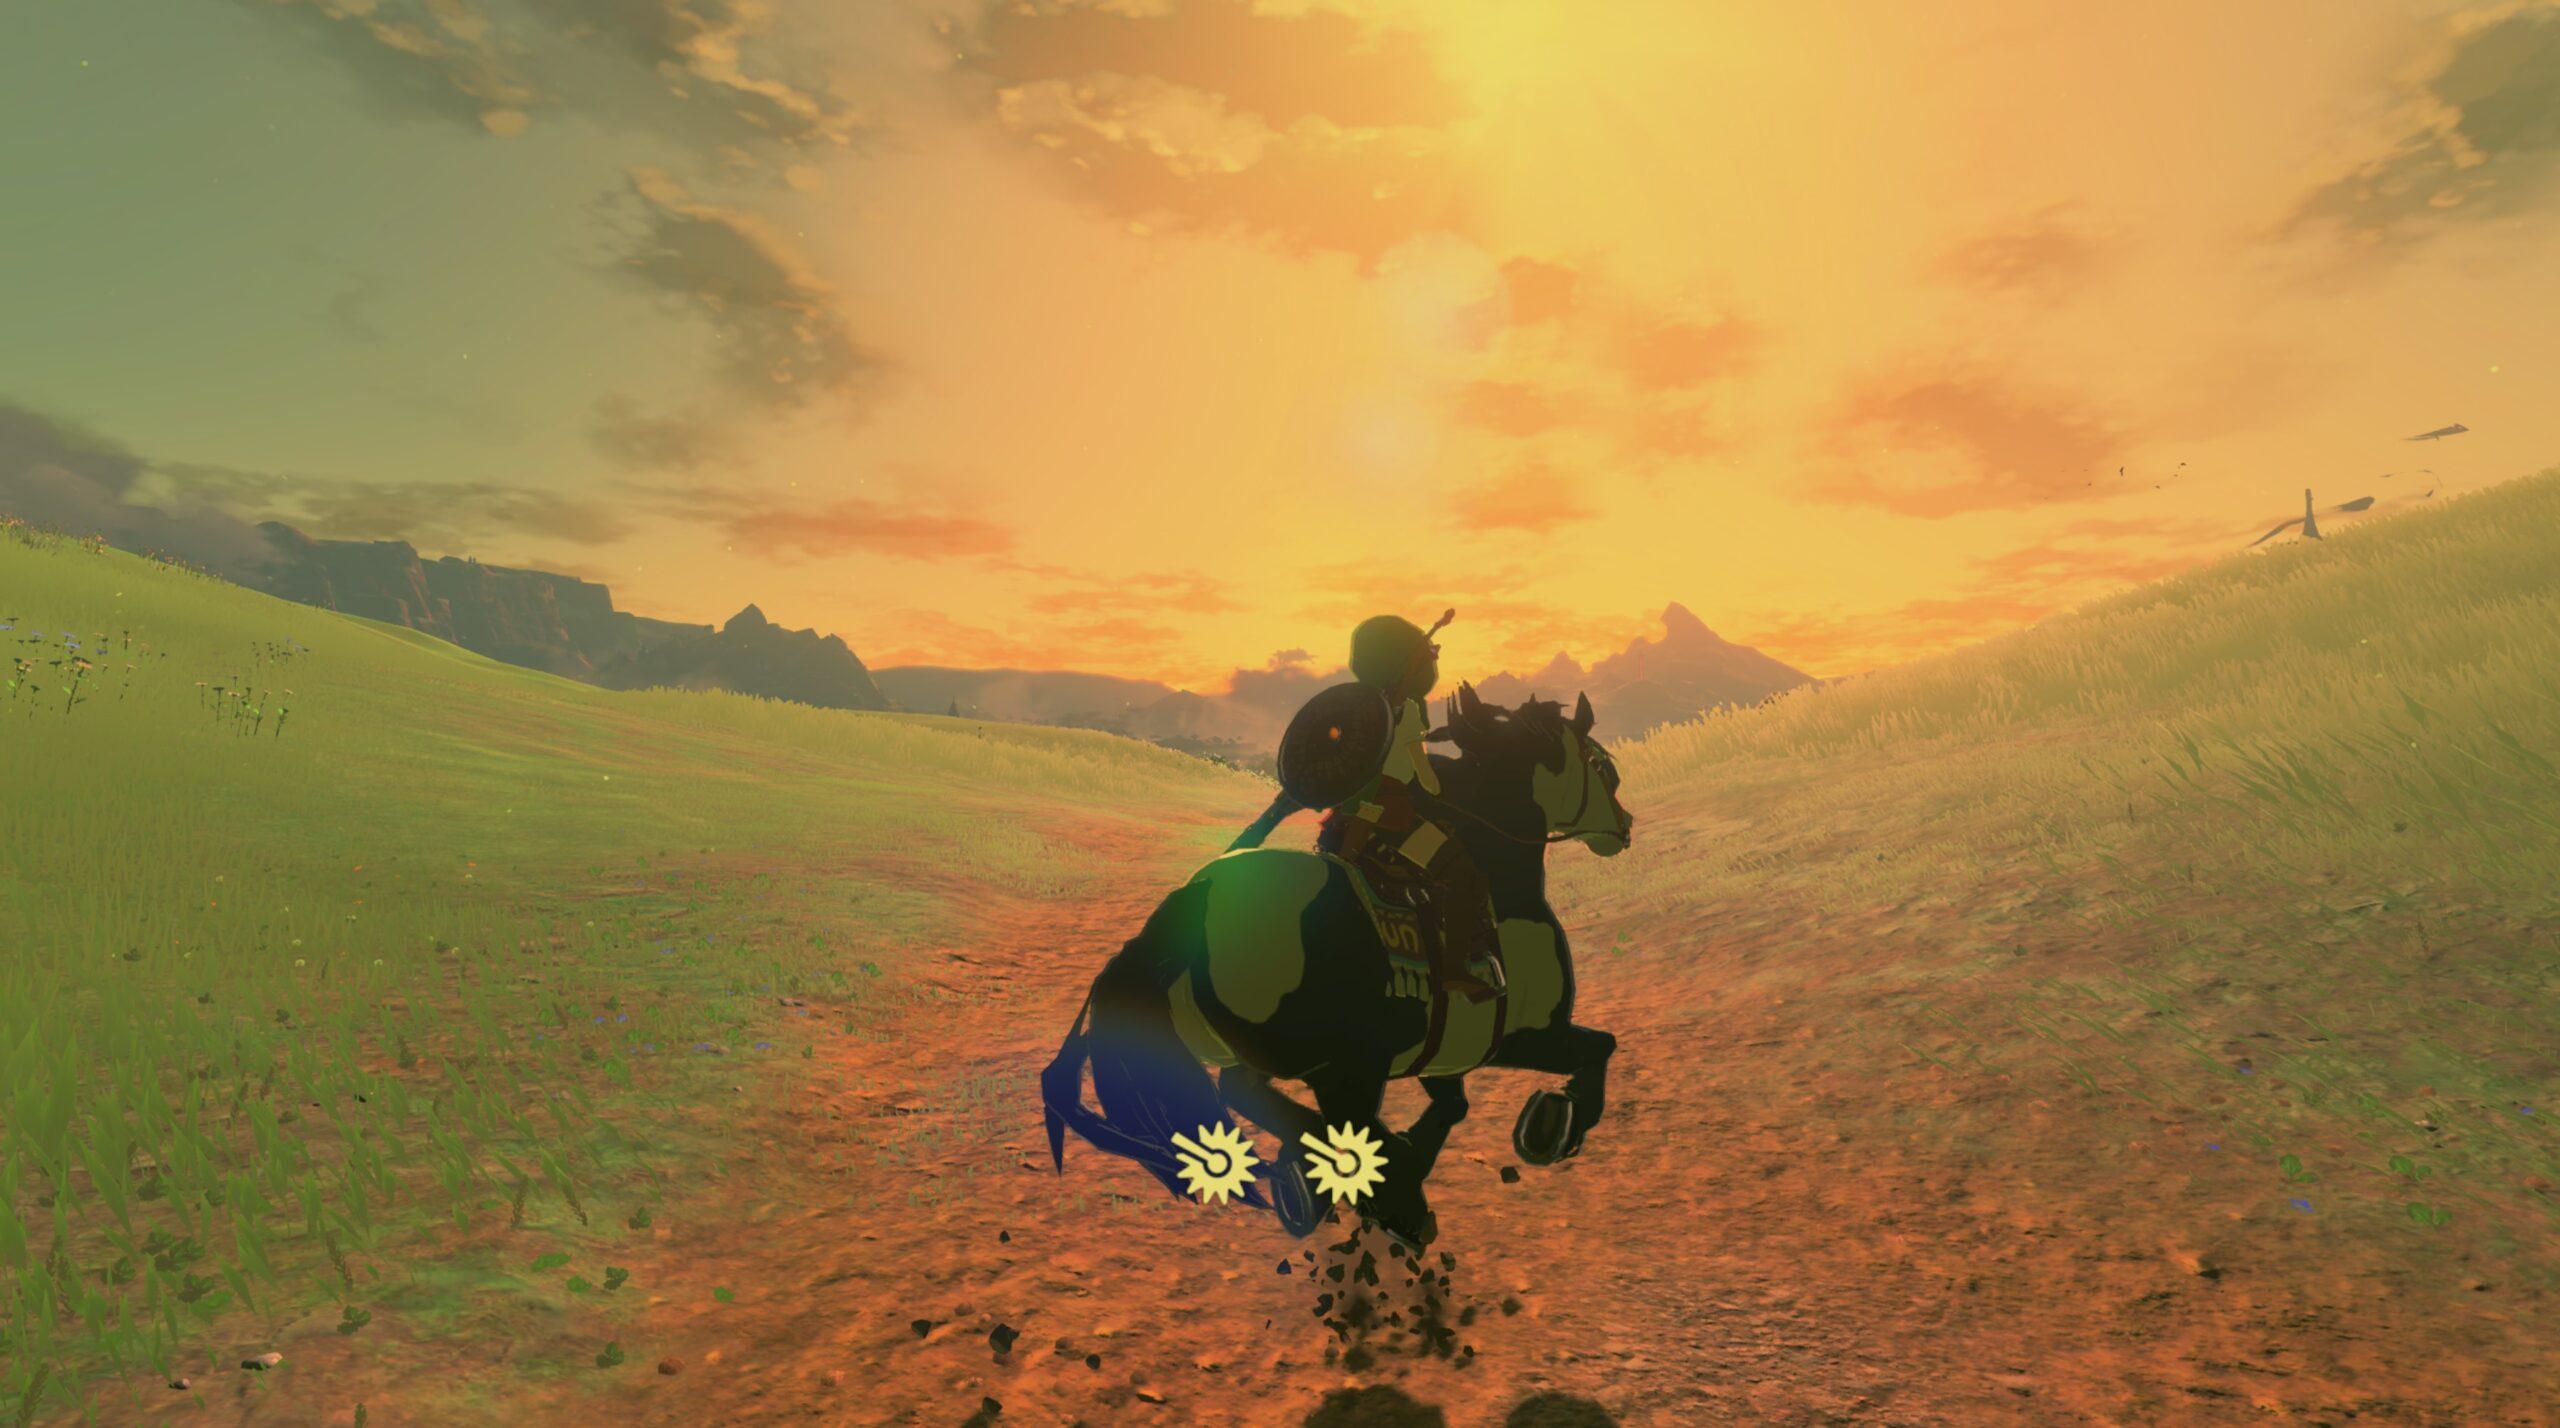 Linkle on horseback at dusk